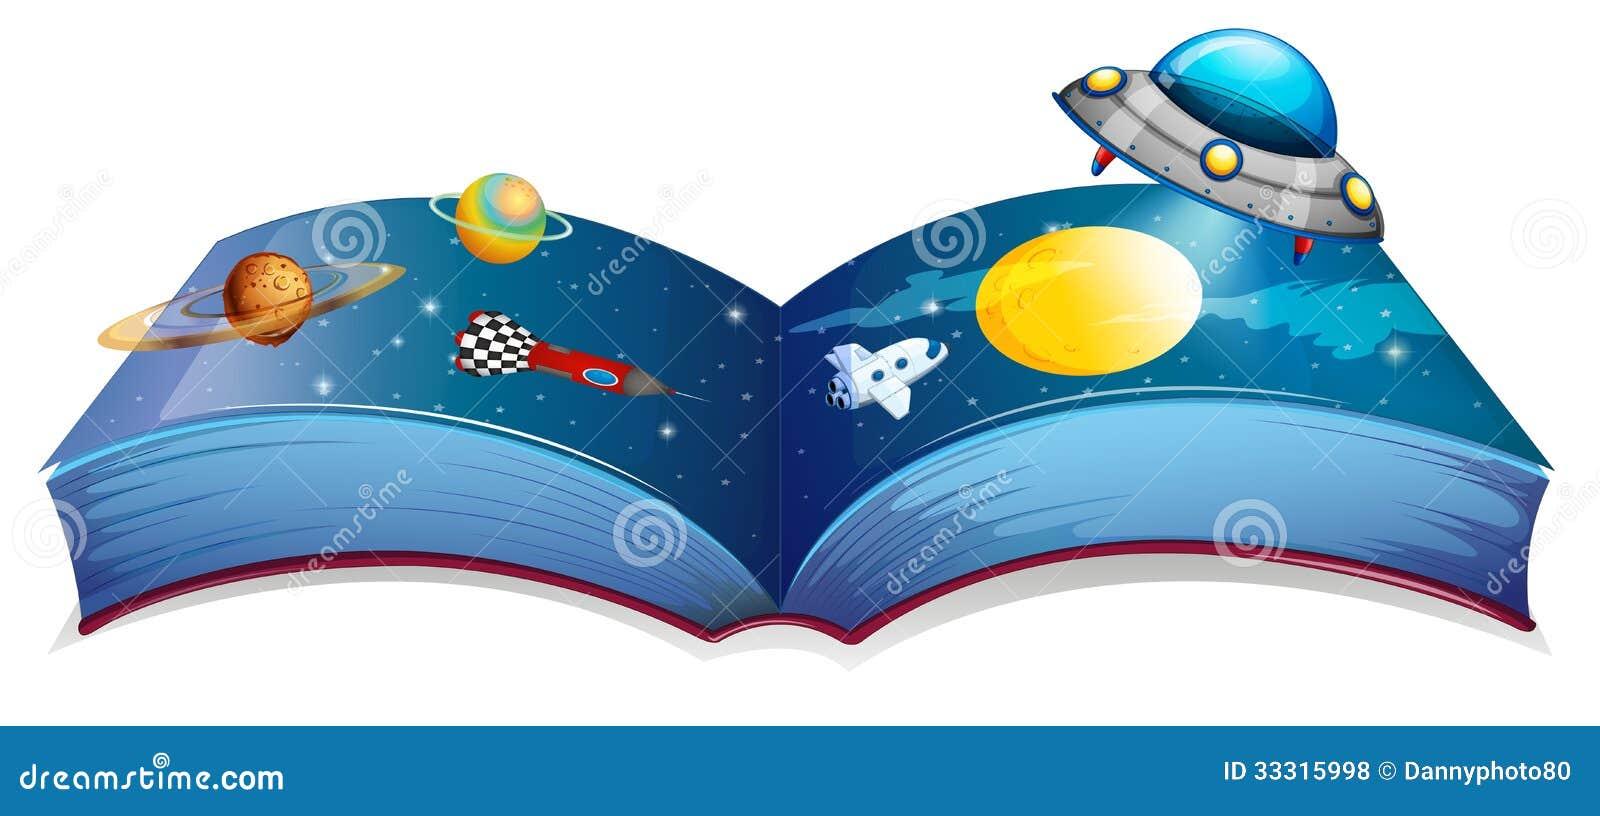 Een boek met een beeld van een ruimteschip en planeten